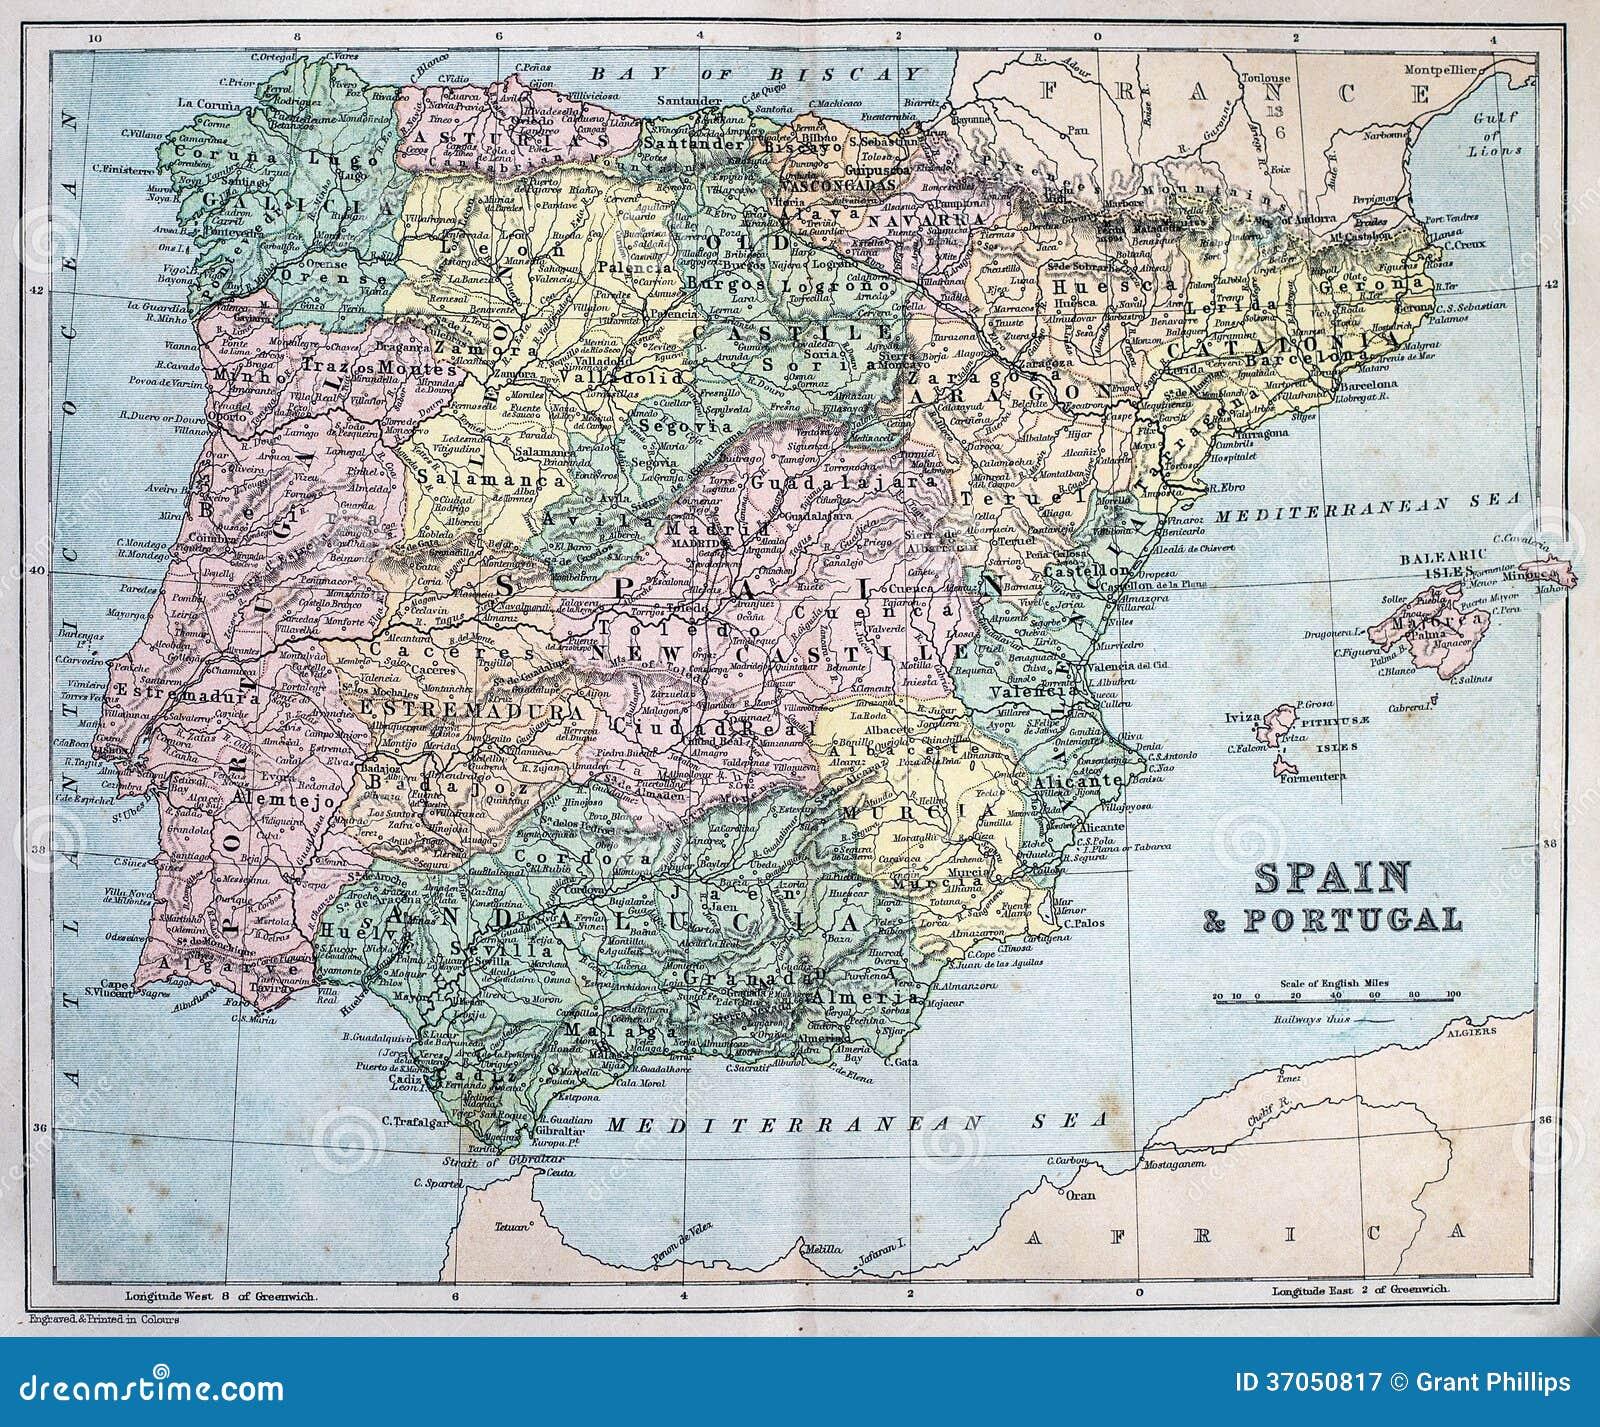 Cartina Spagna Antica.Mappa Antica Della Spagna E Del Portogallo Immagine Stock Immagine Di Europa Portugal 37050817